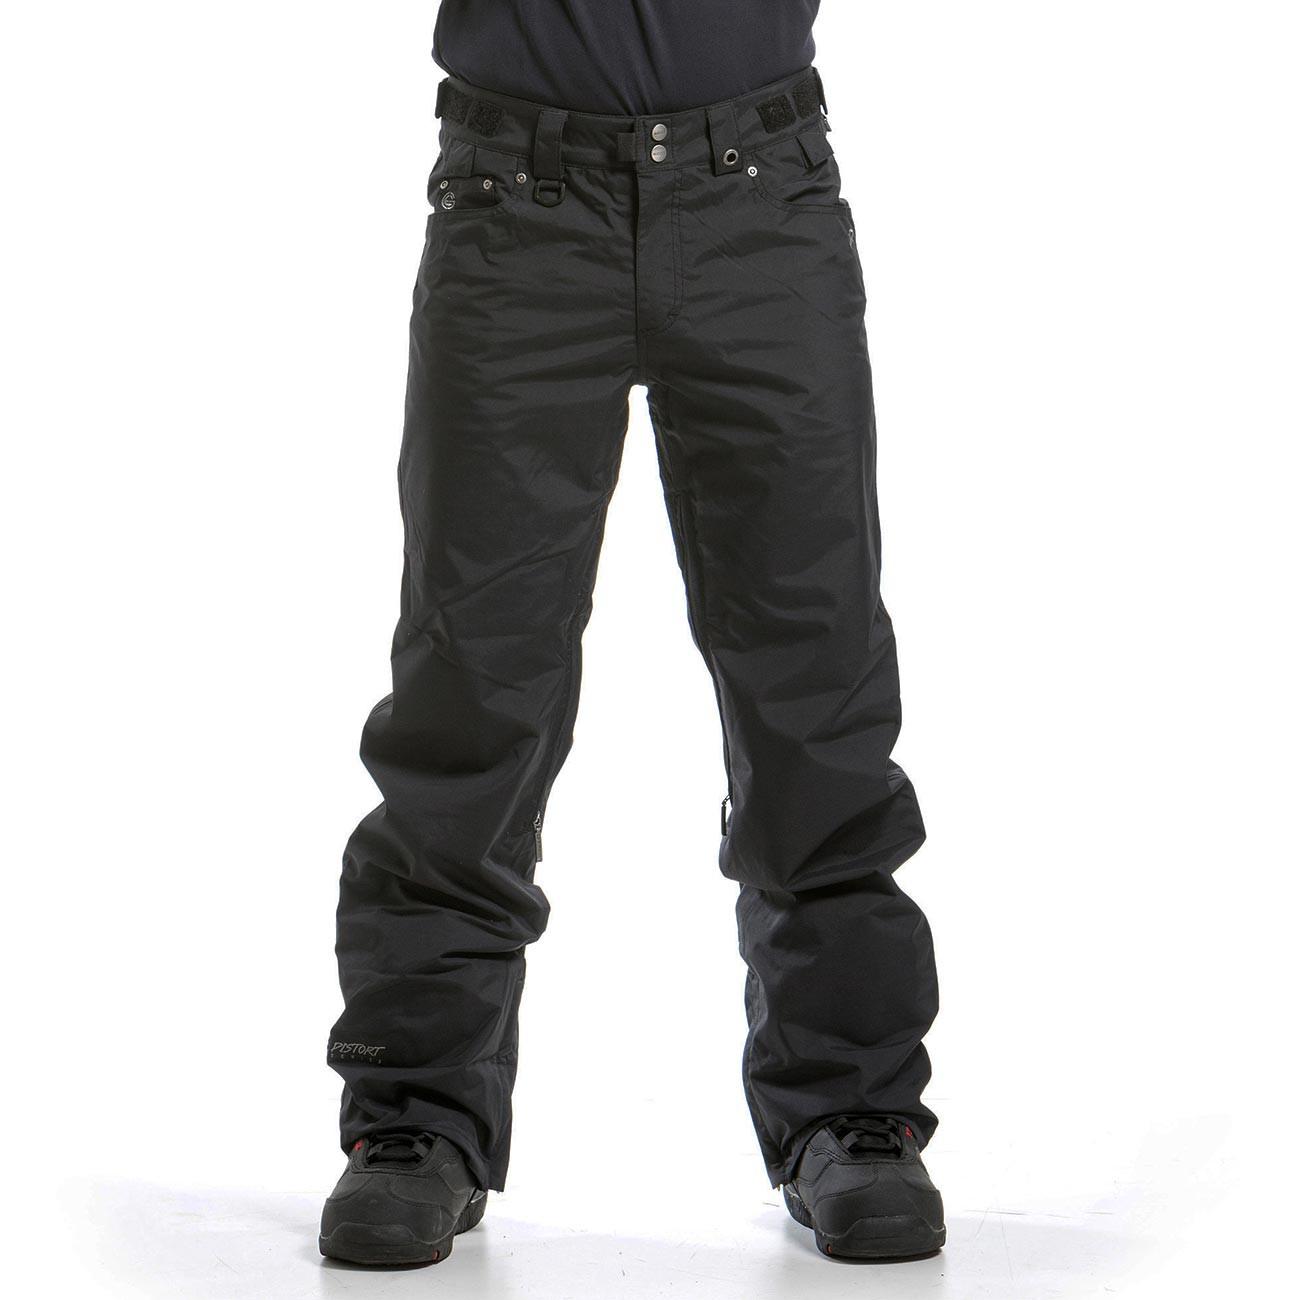 Kalhoty Nugget Charge 3 black